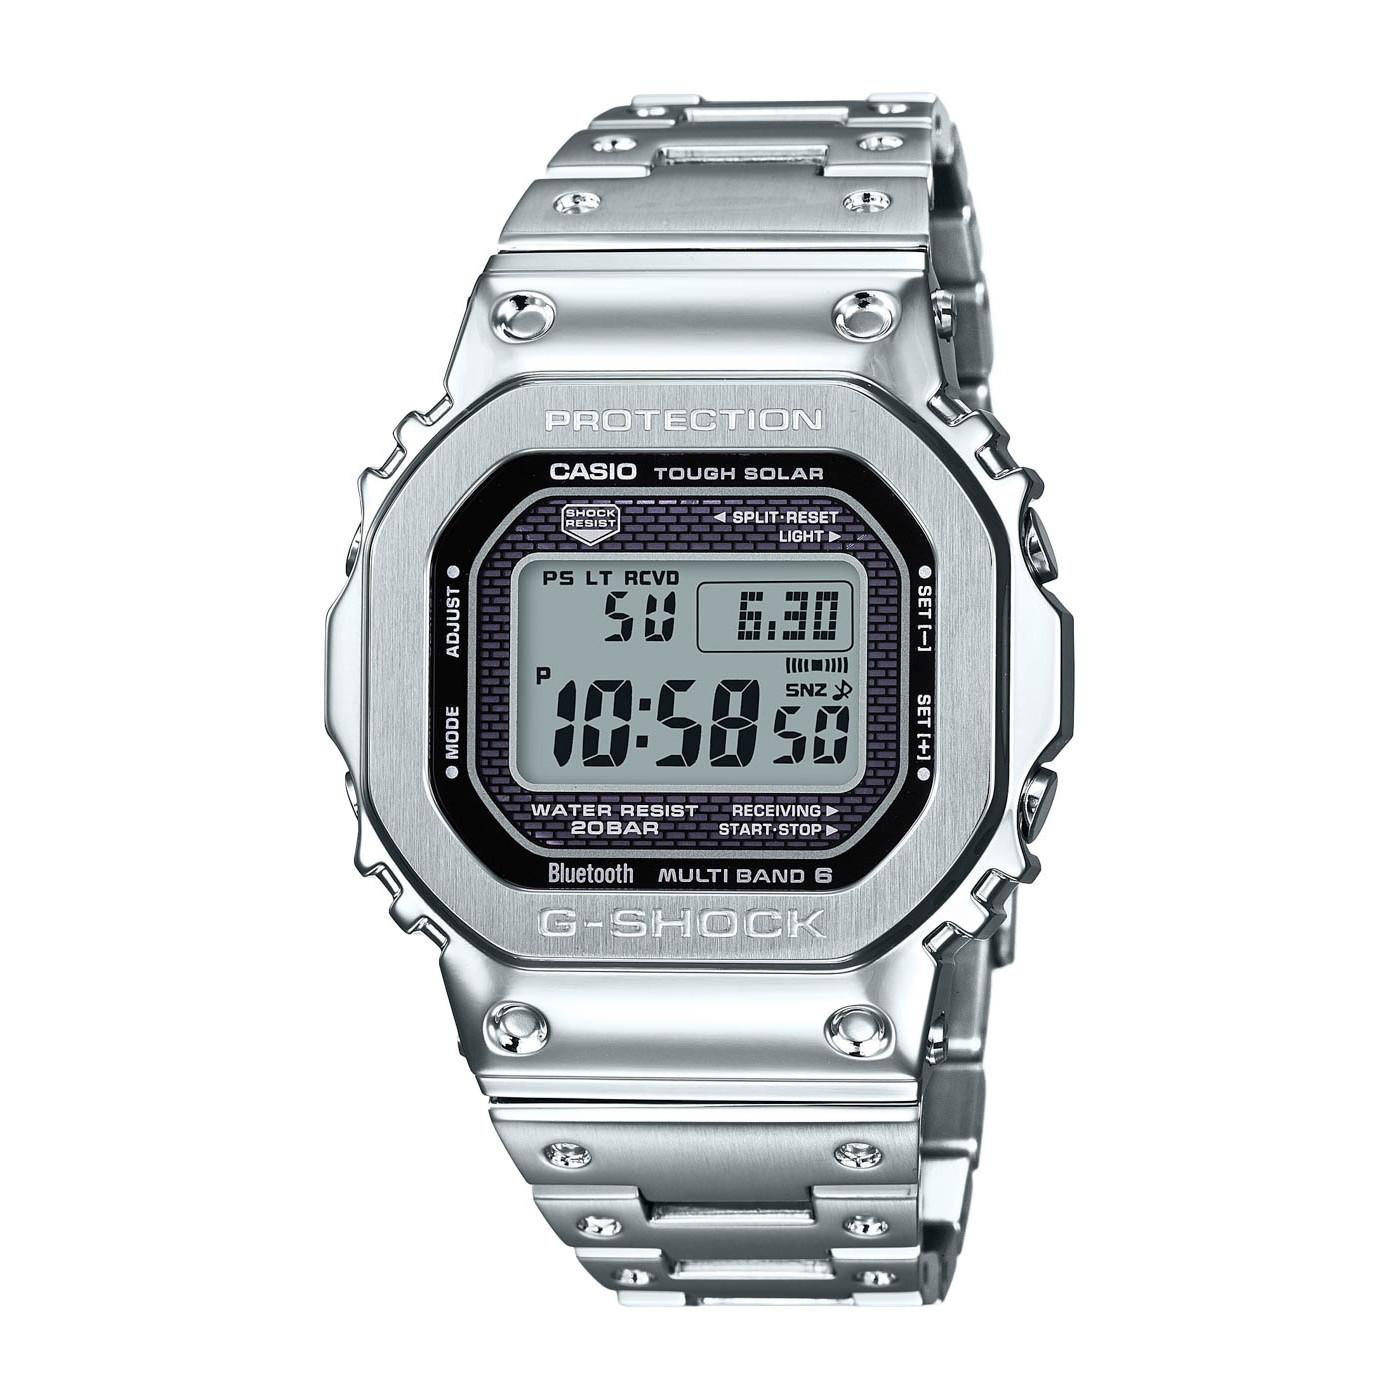 G-Shock - LIMITED EDITION FULL METAL CASE HORLOGE GMW-B5000D-1ER